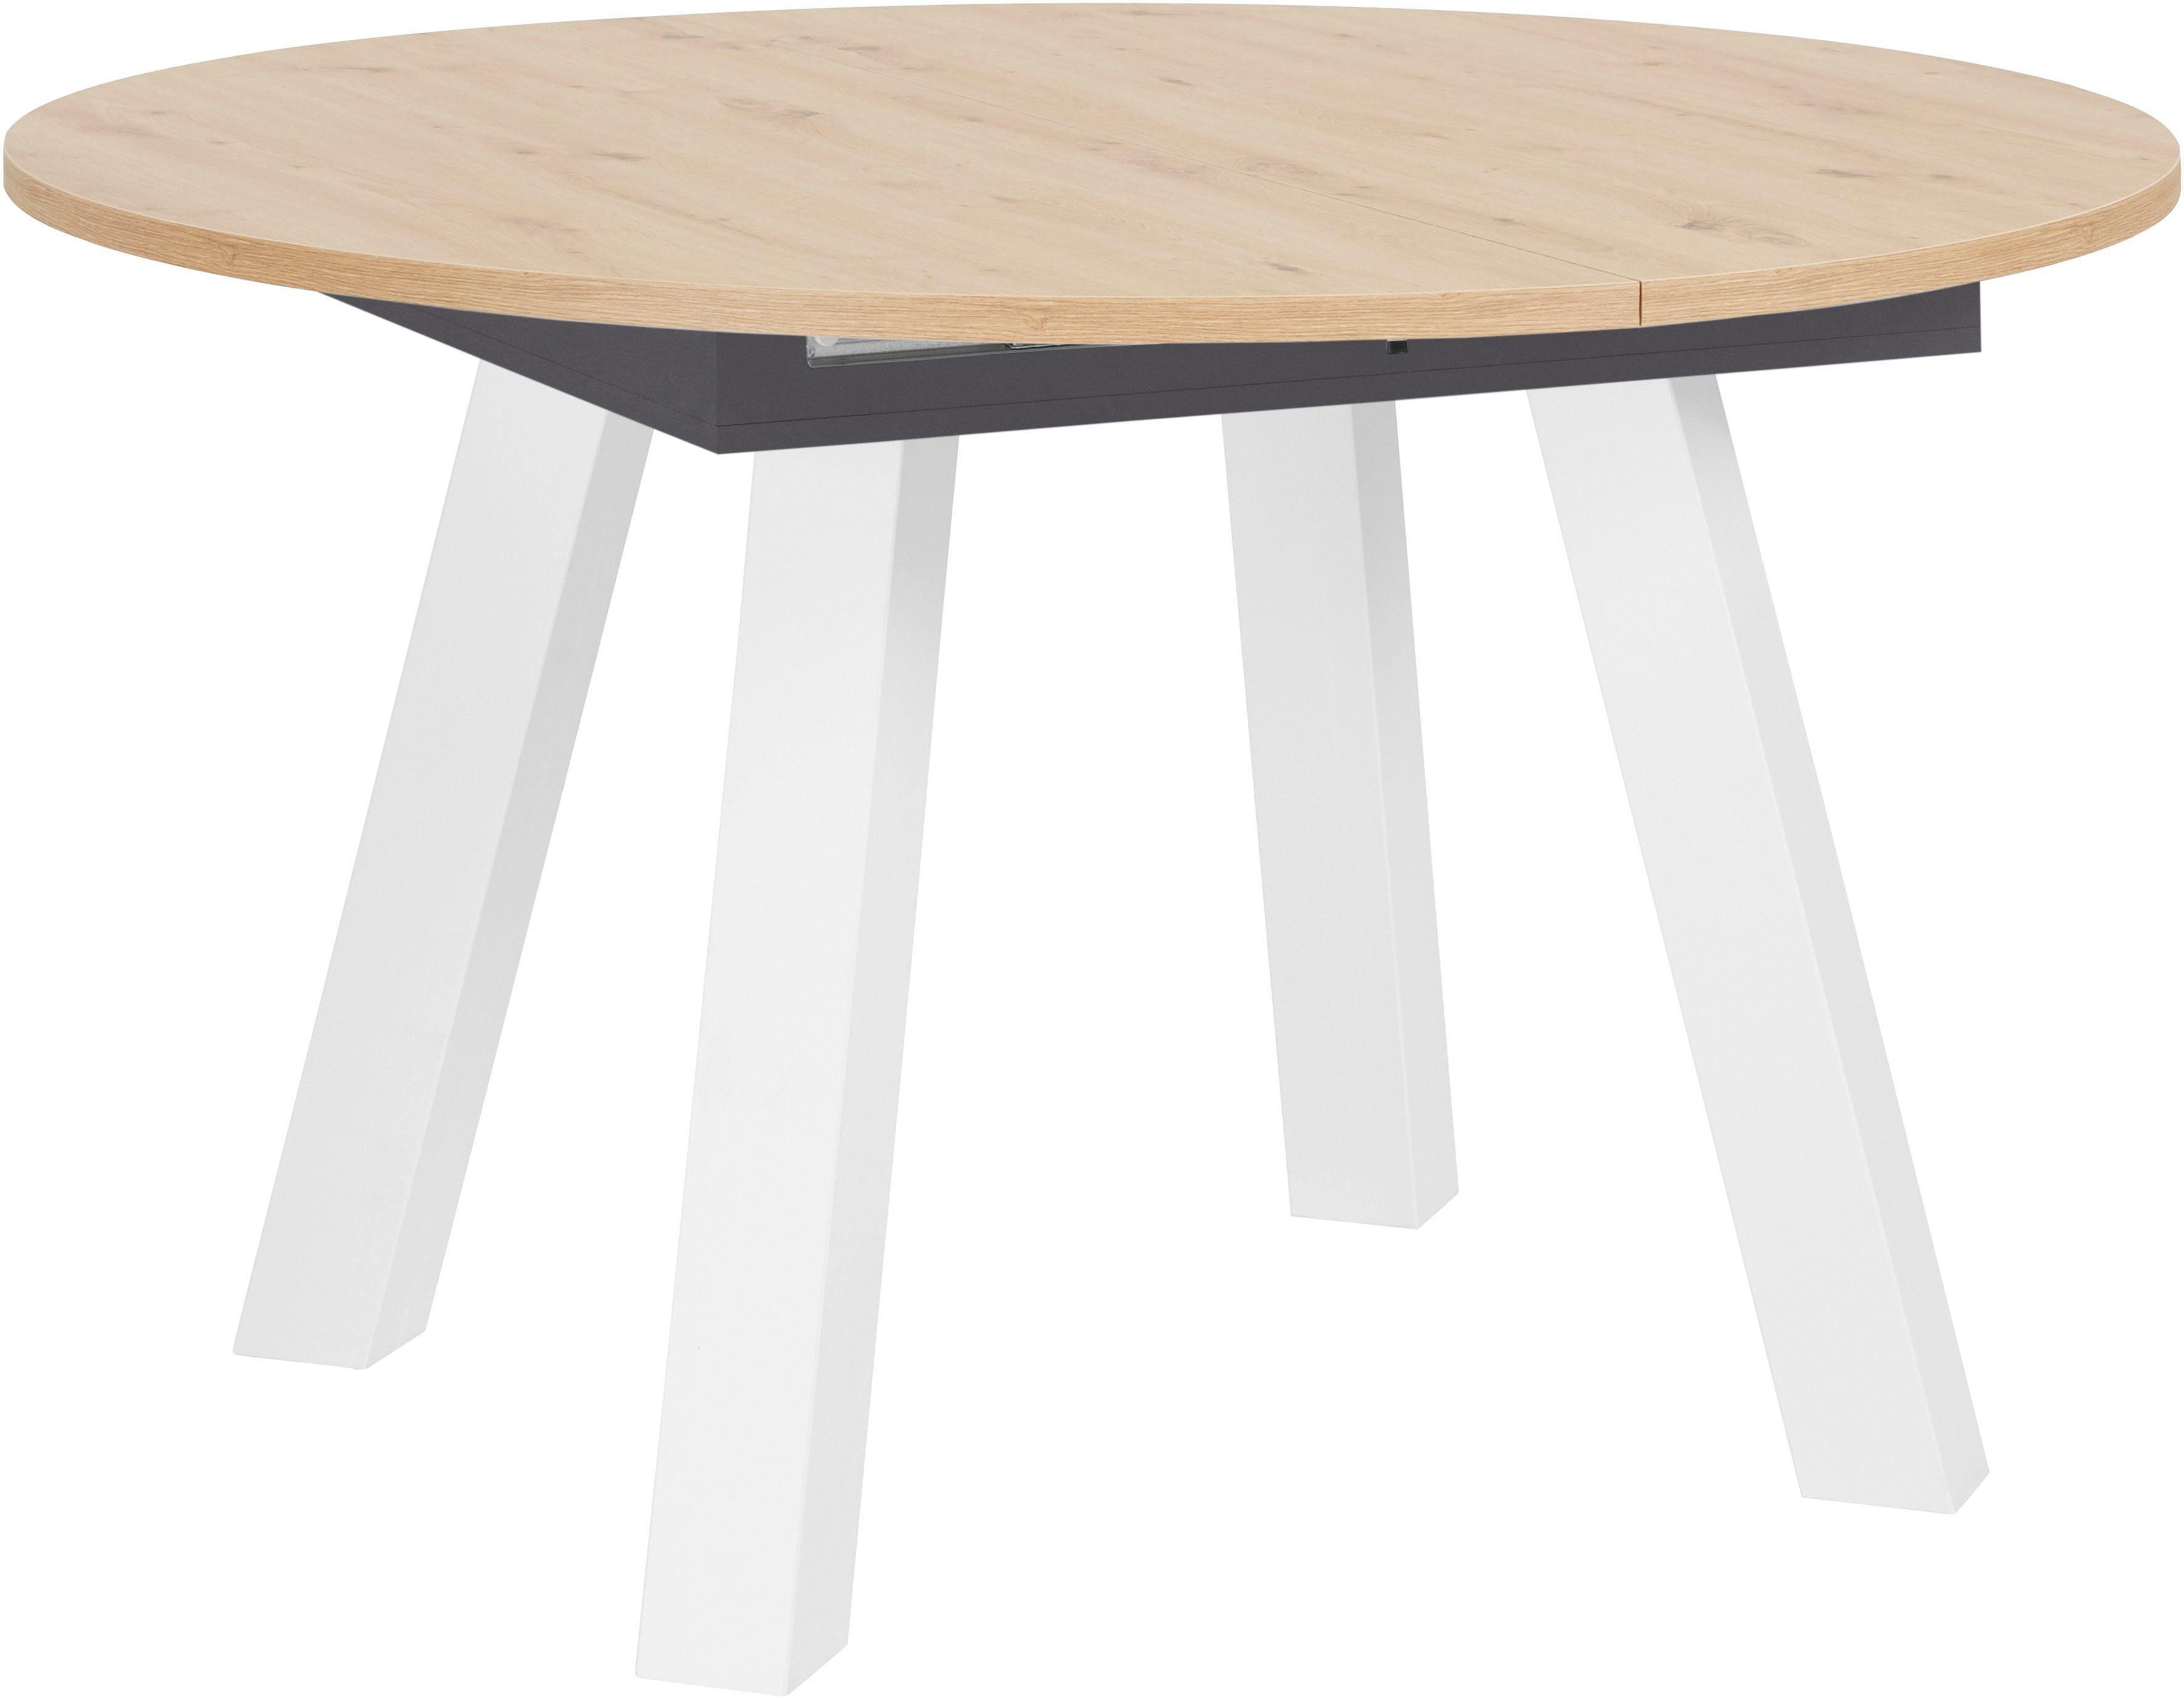 Esstisch Wohnen/Möbel/Tische/Esstische/Ausziehbare Esstische